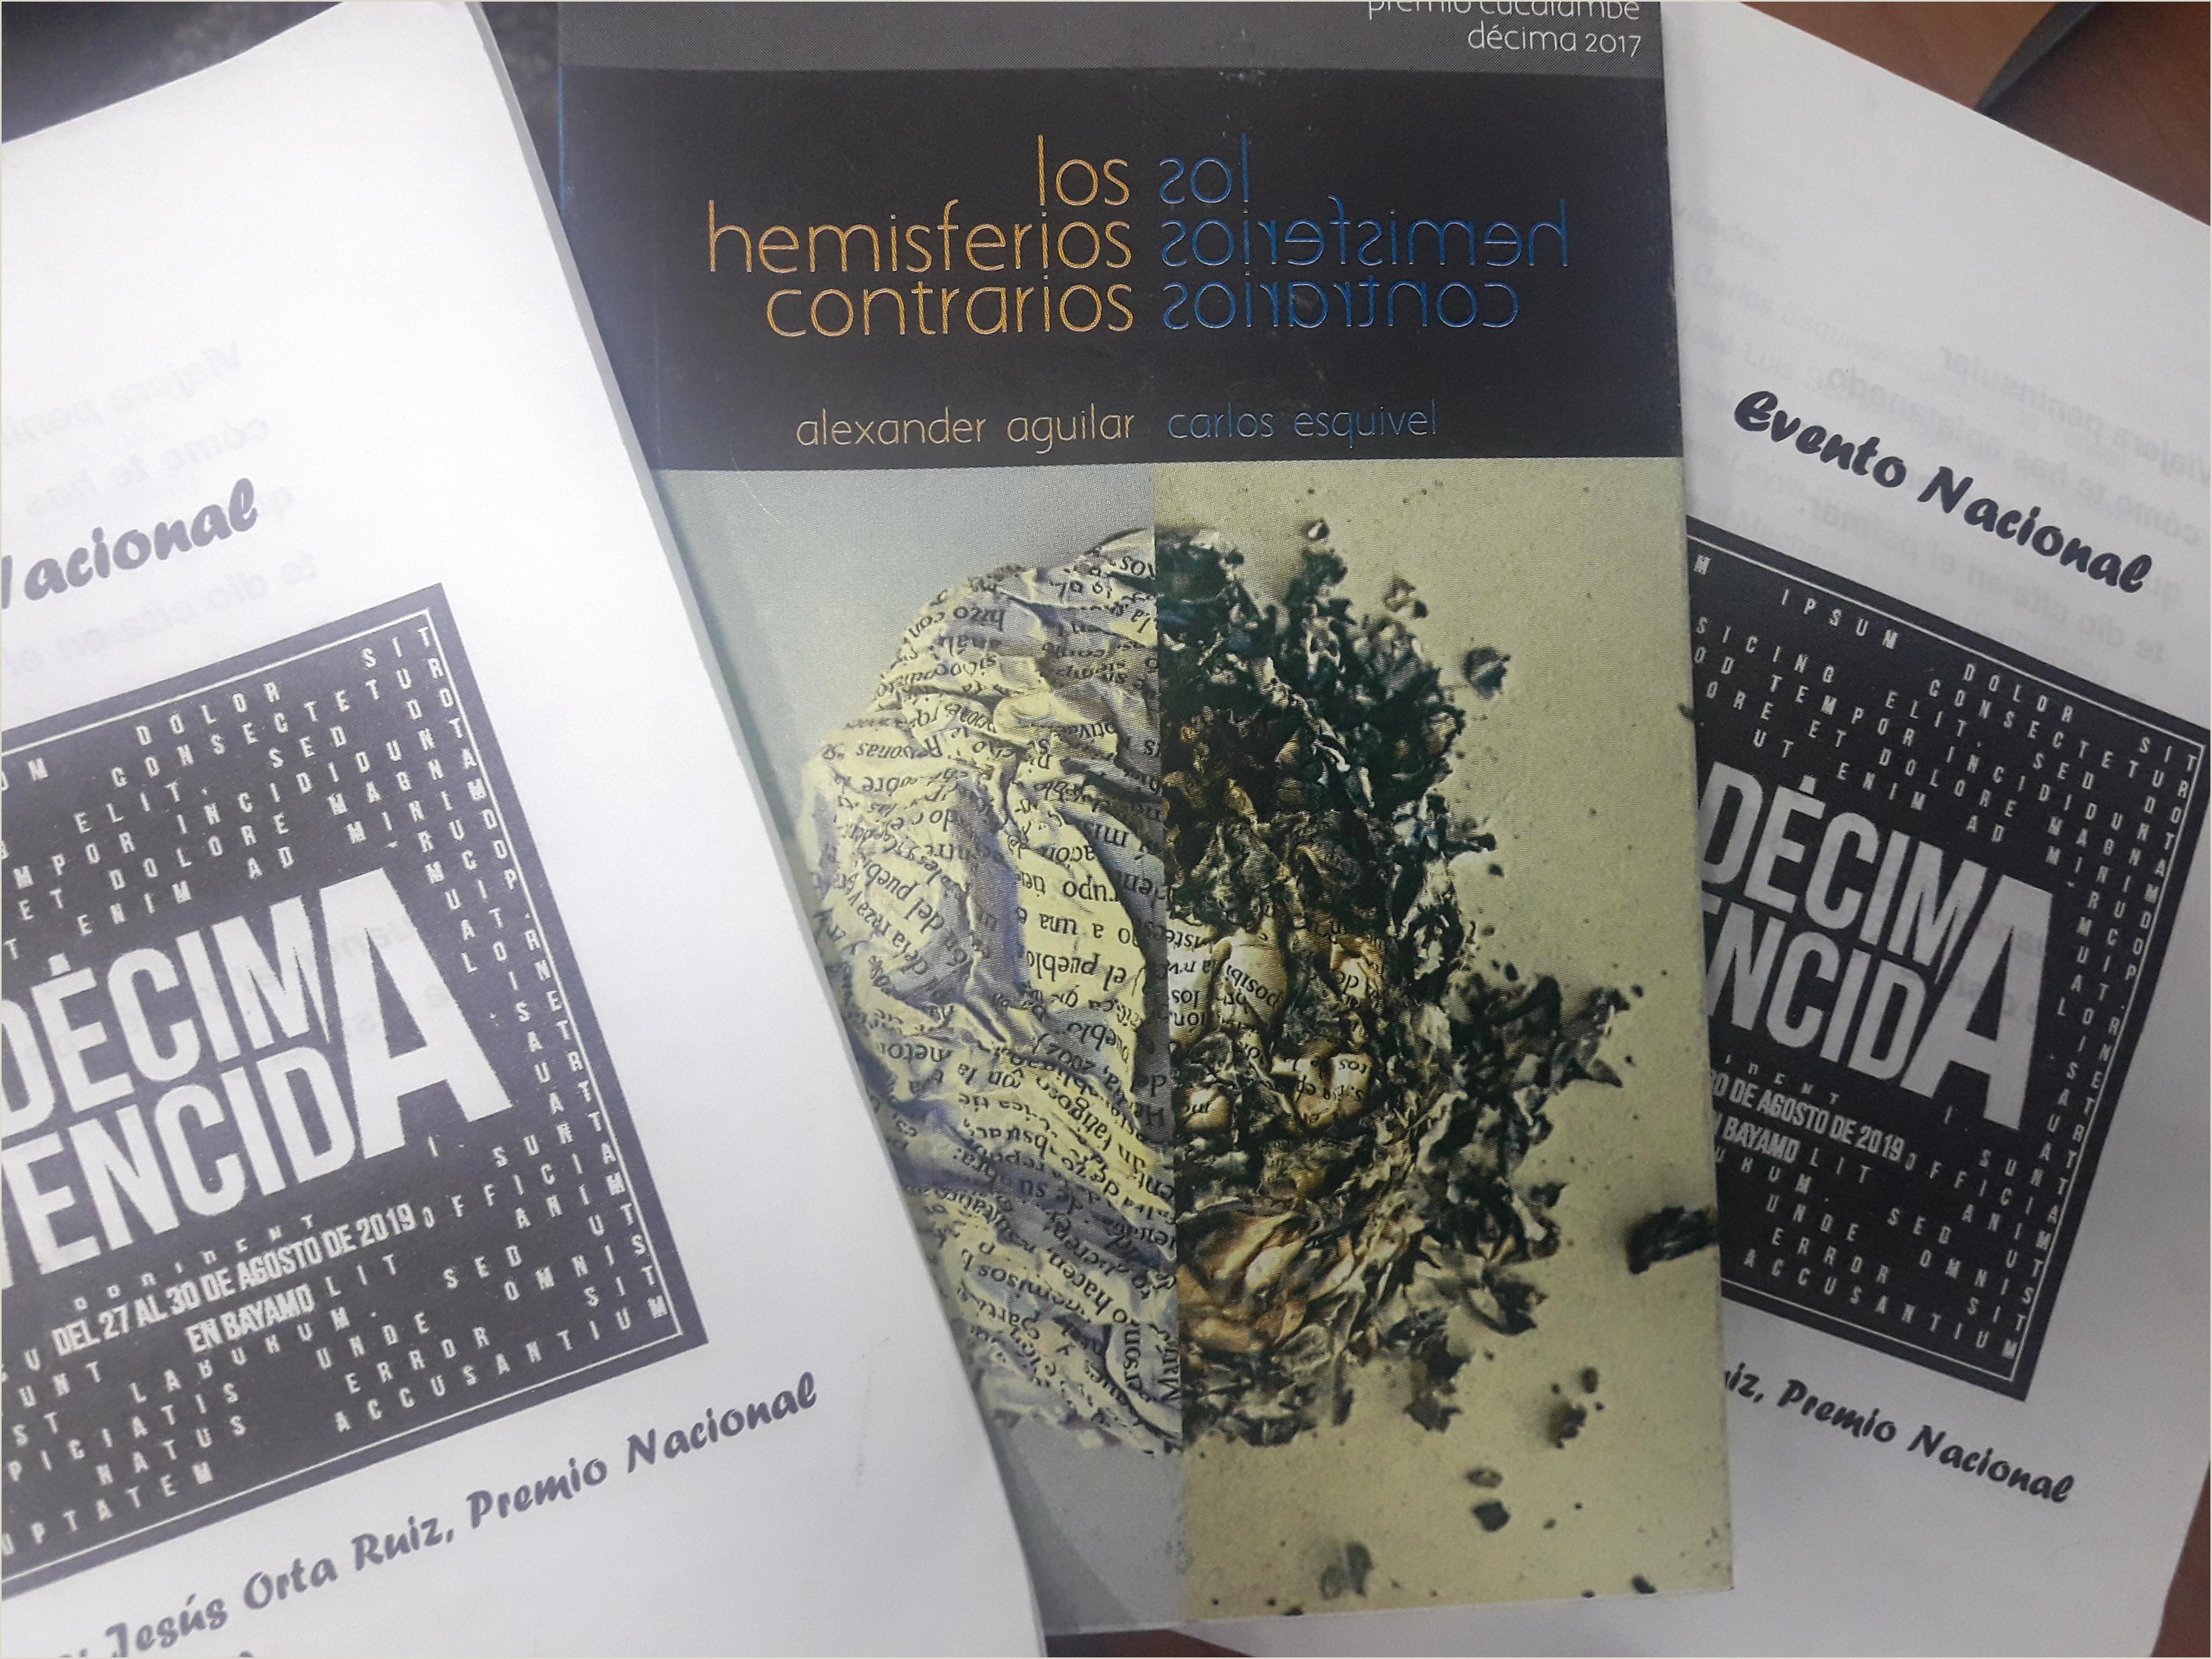 Cultura Archivos La Demajagua